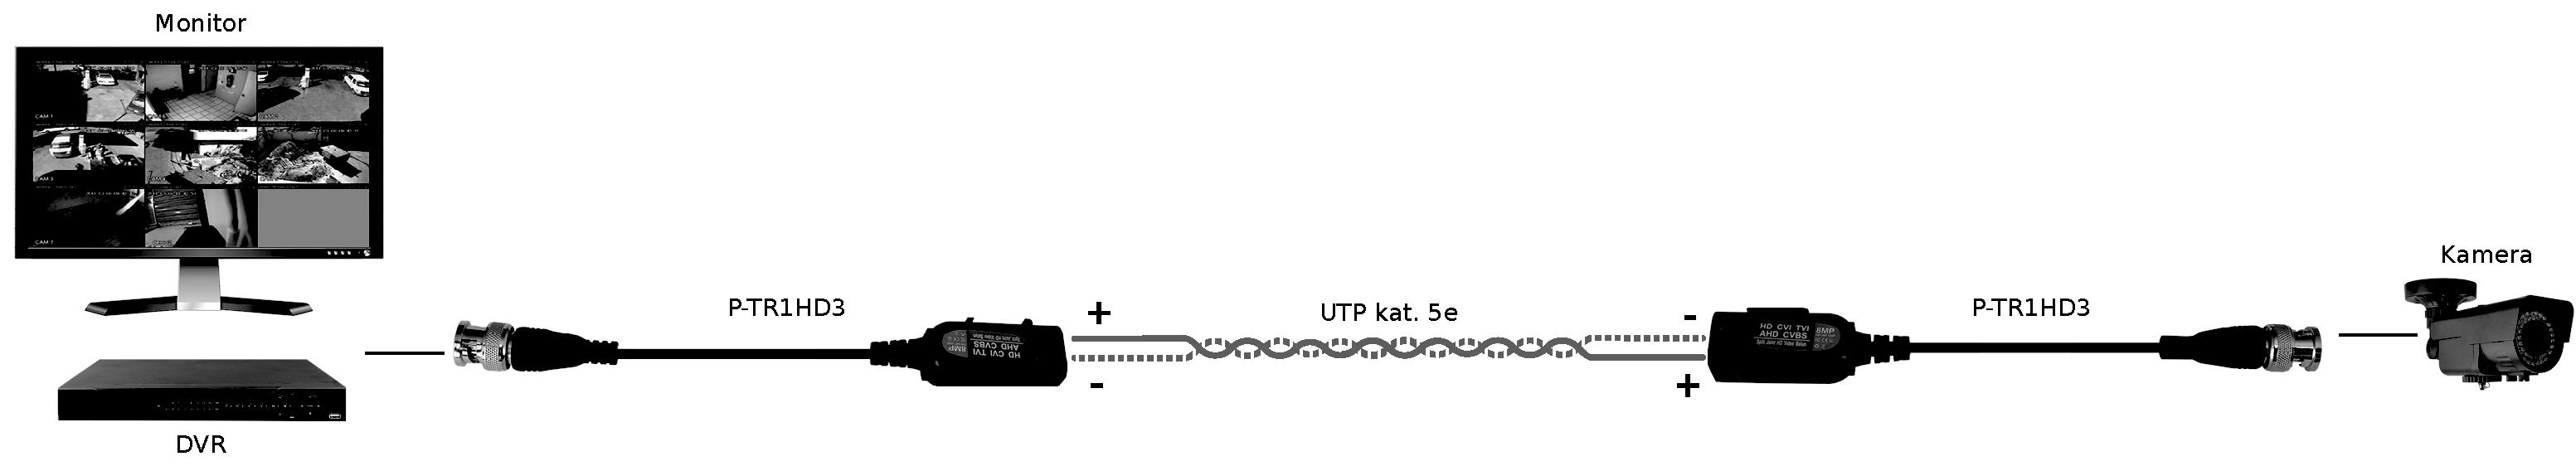 Schemat podłączenia urządzenia